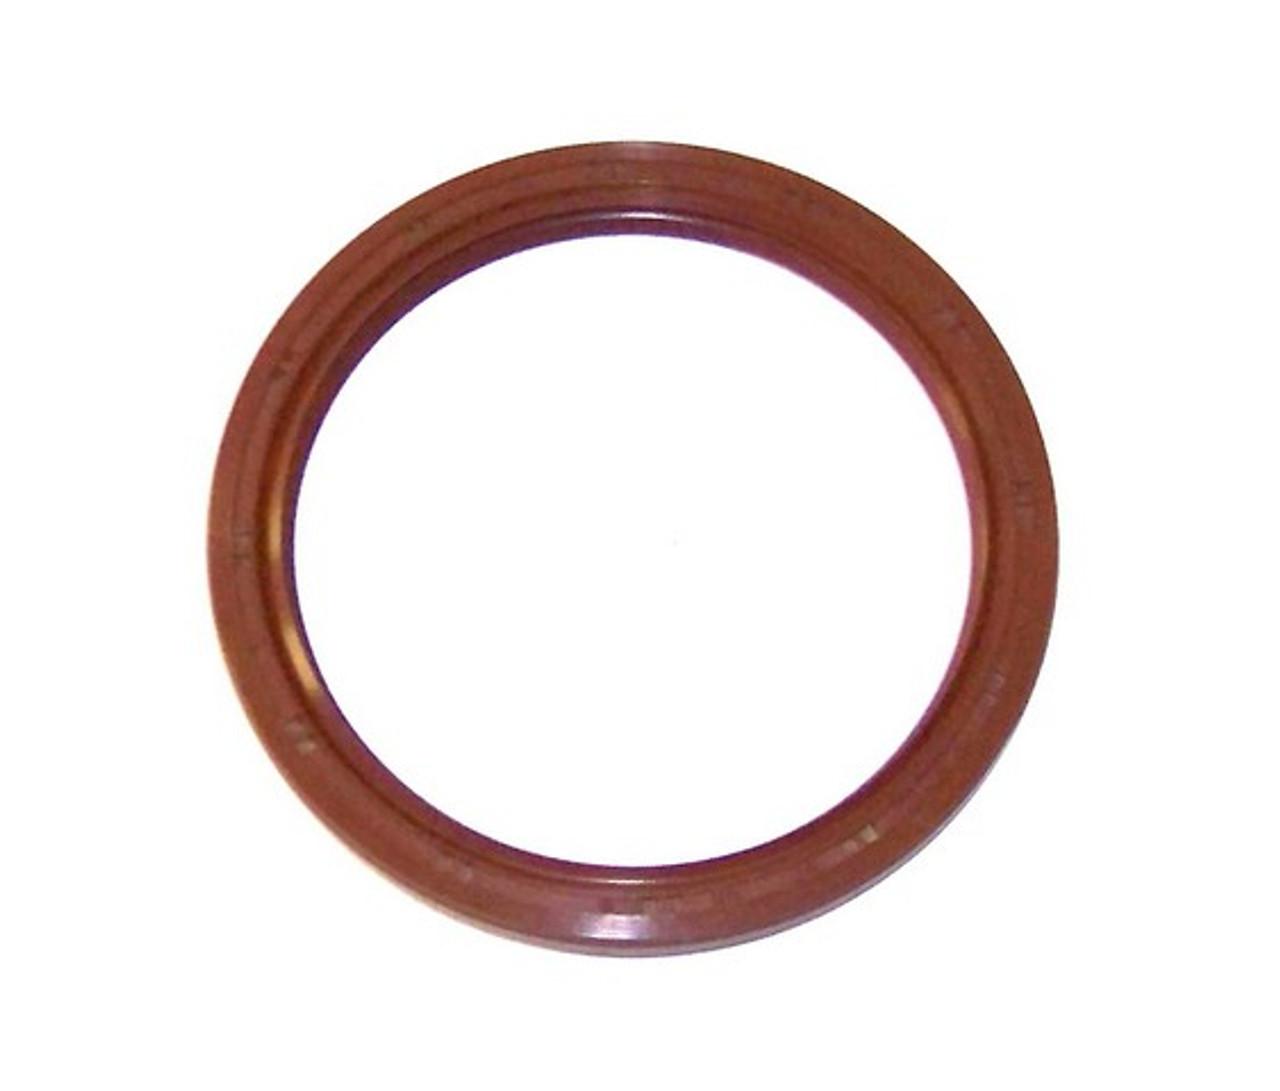 Crankshaft Seal 3.5L 2011 Acura MDX - RM285.13